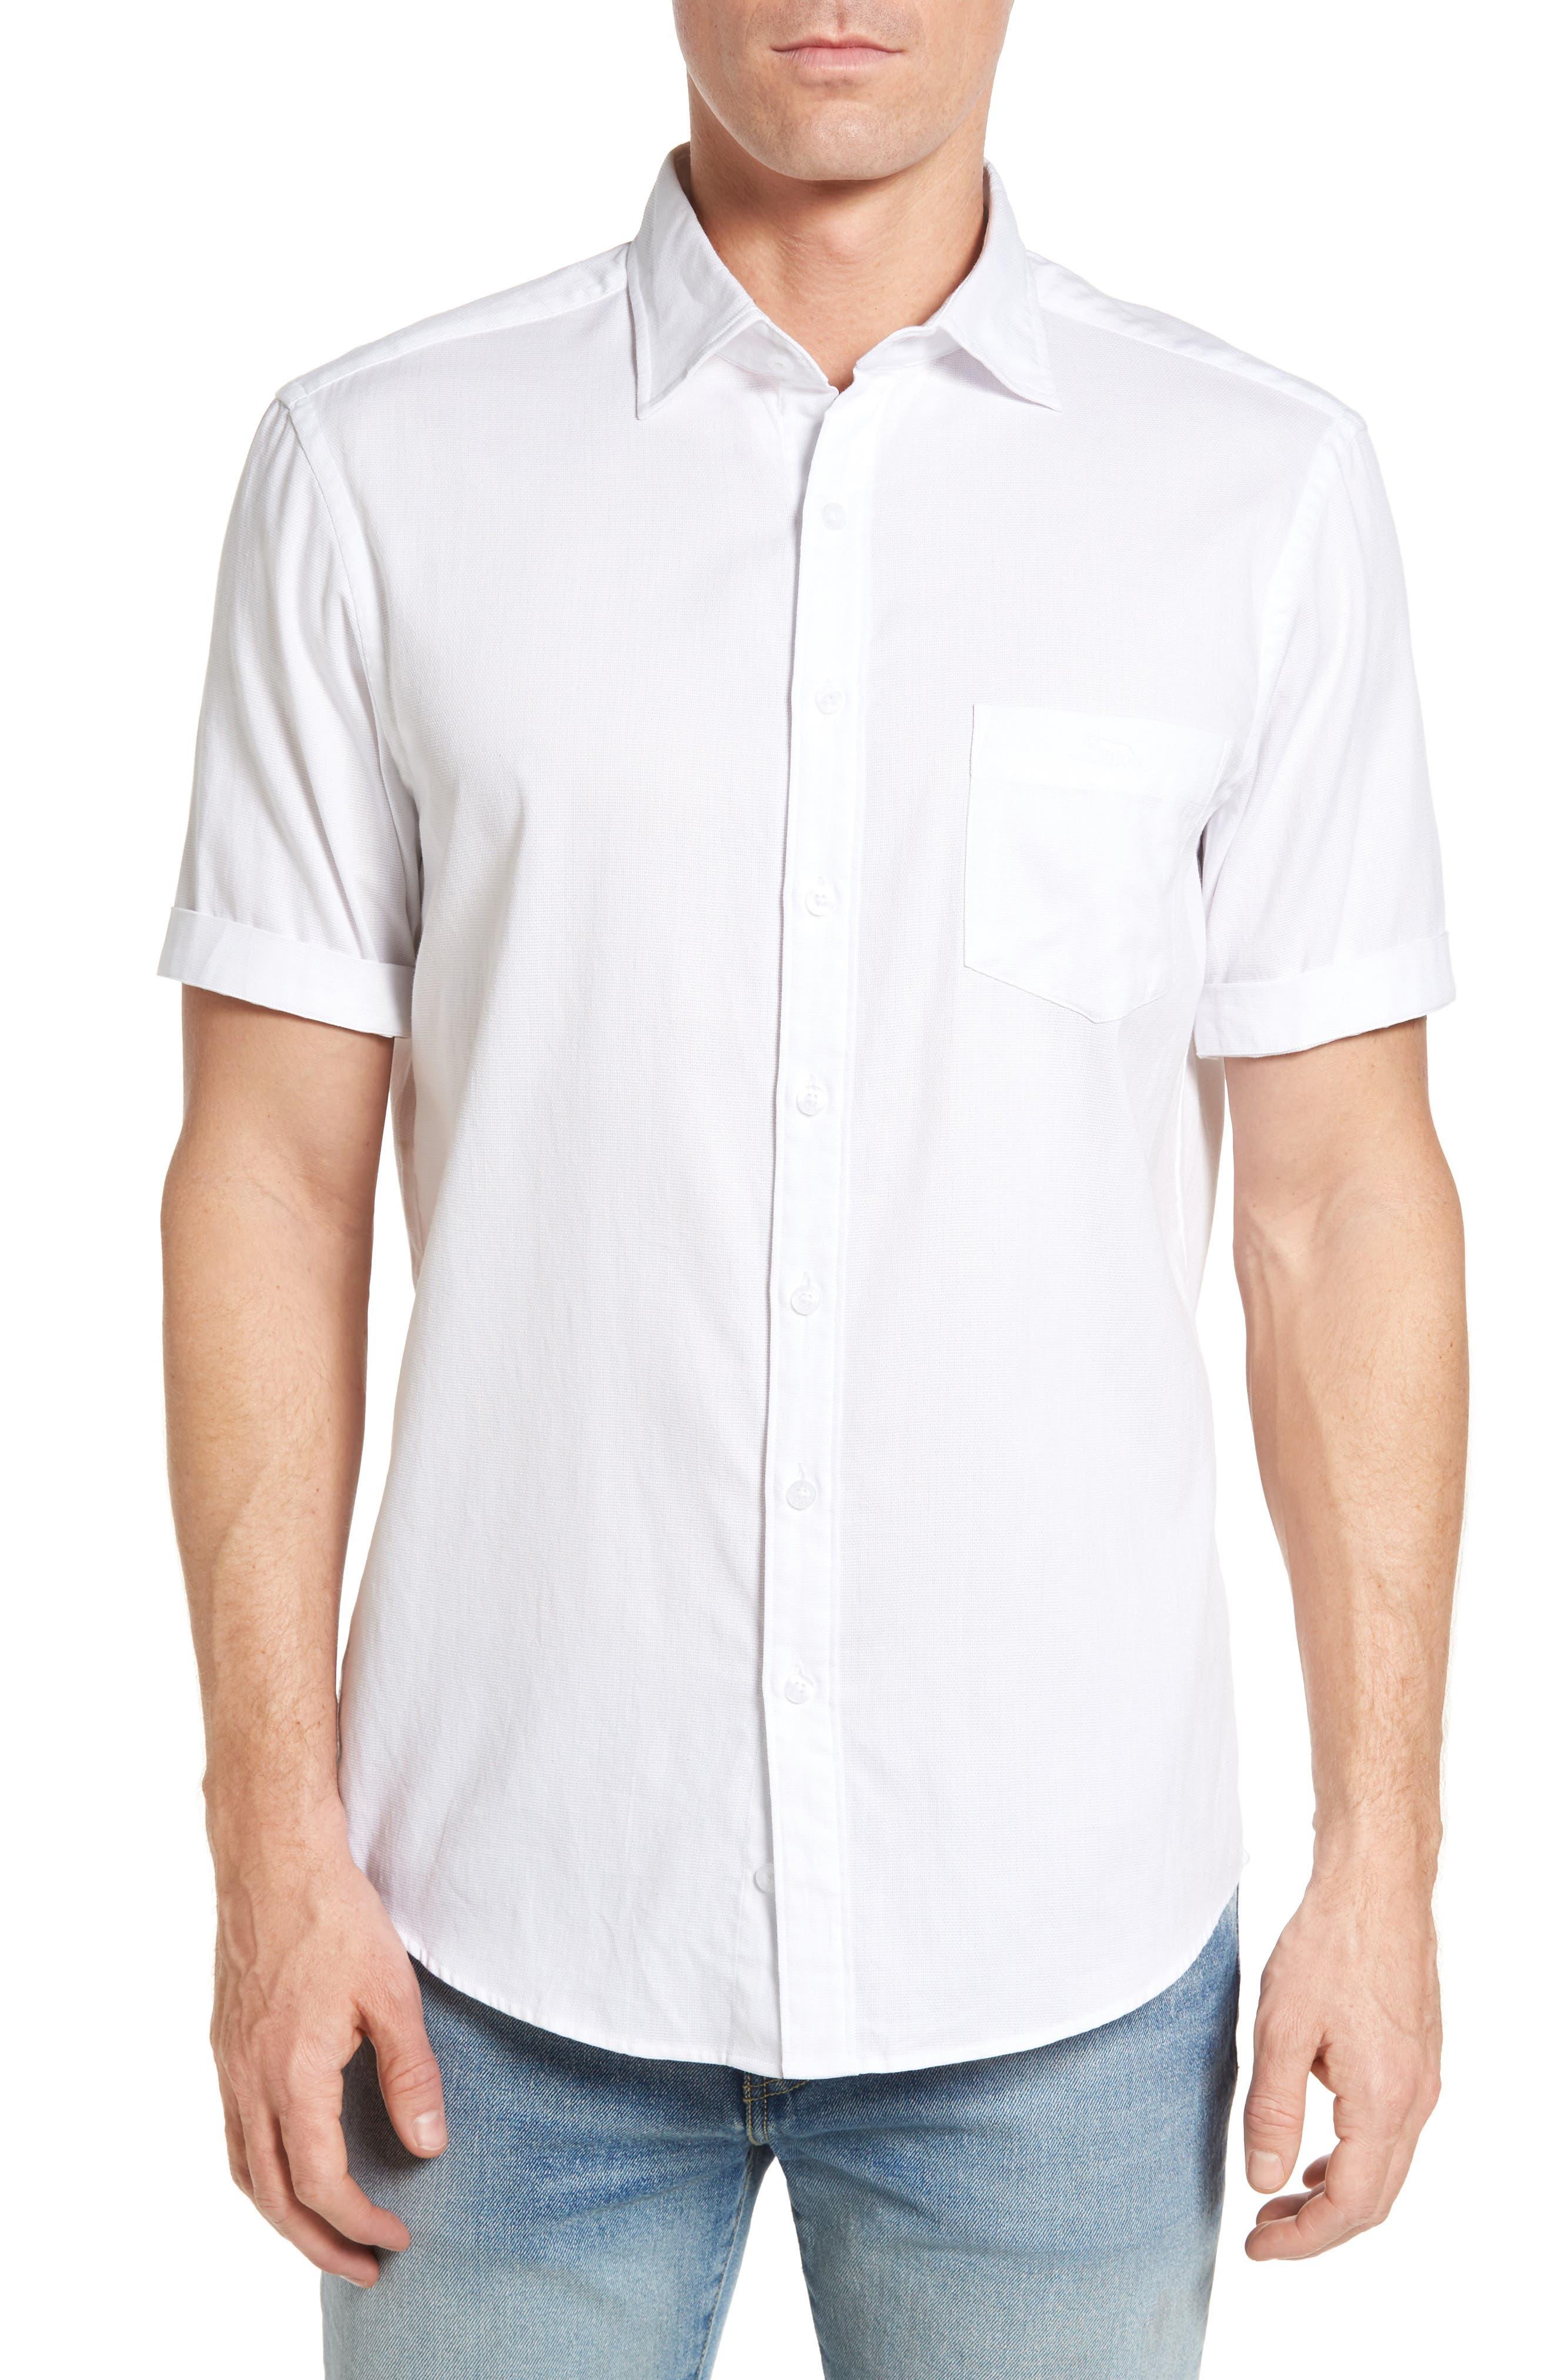 RODD & GUNN Campbell Island Sport Shirt